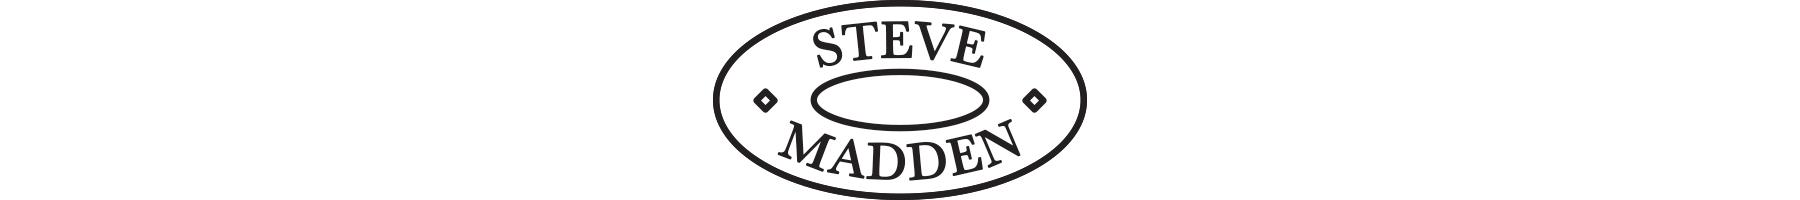 DrJays.com - Steve Madden